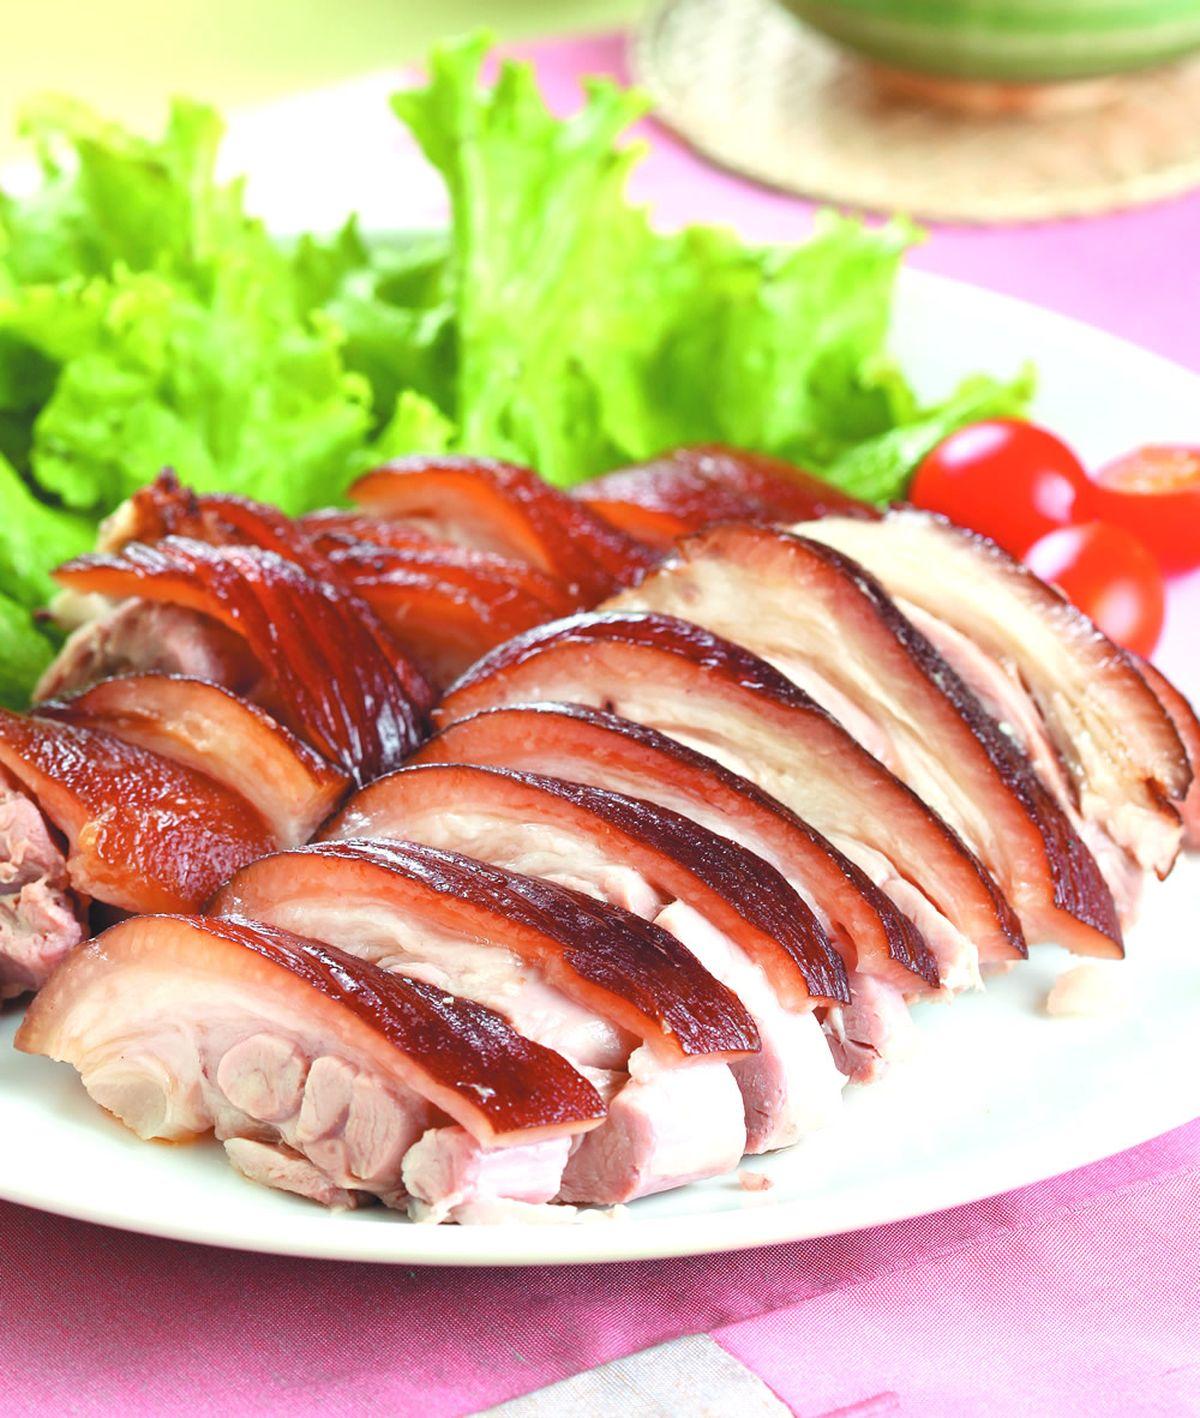 食譜:什錦海鮮煎餅